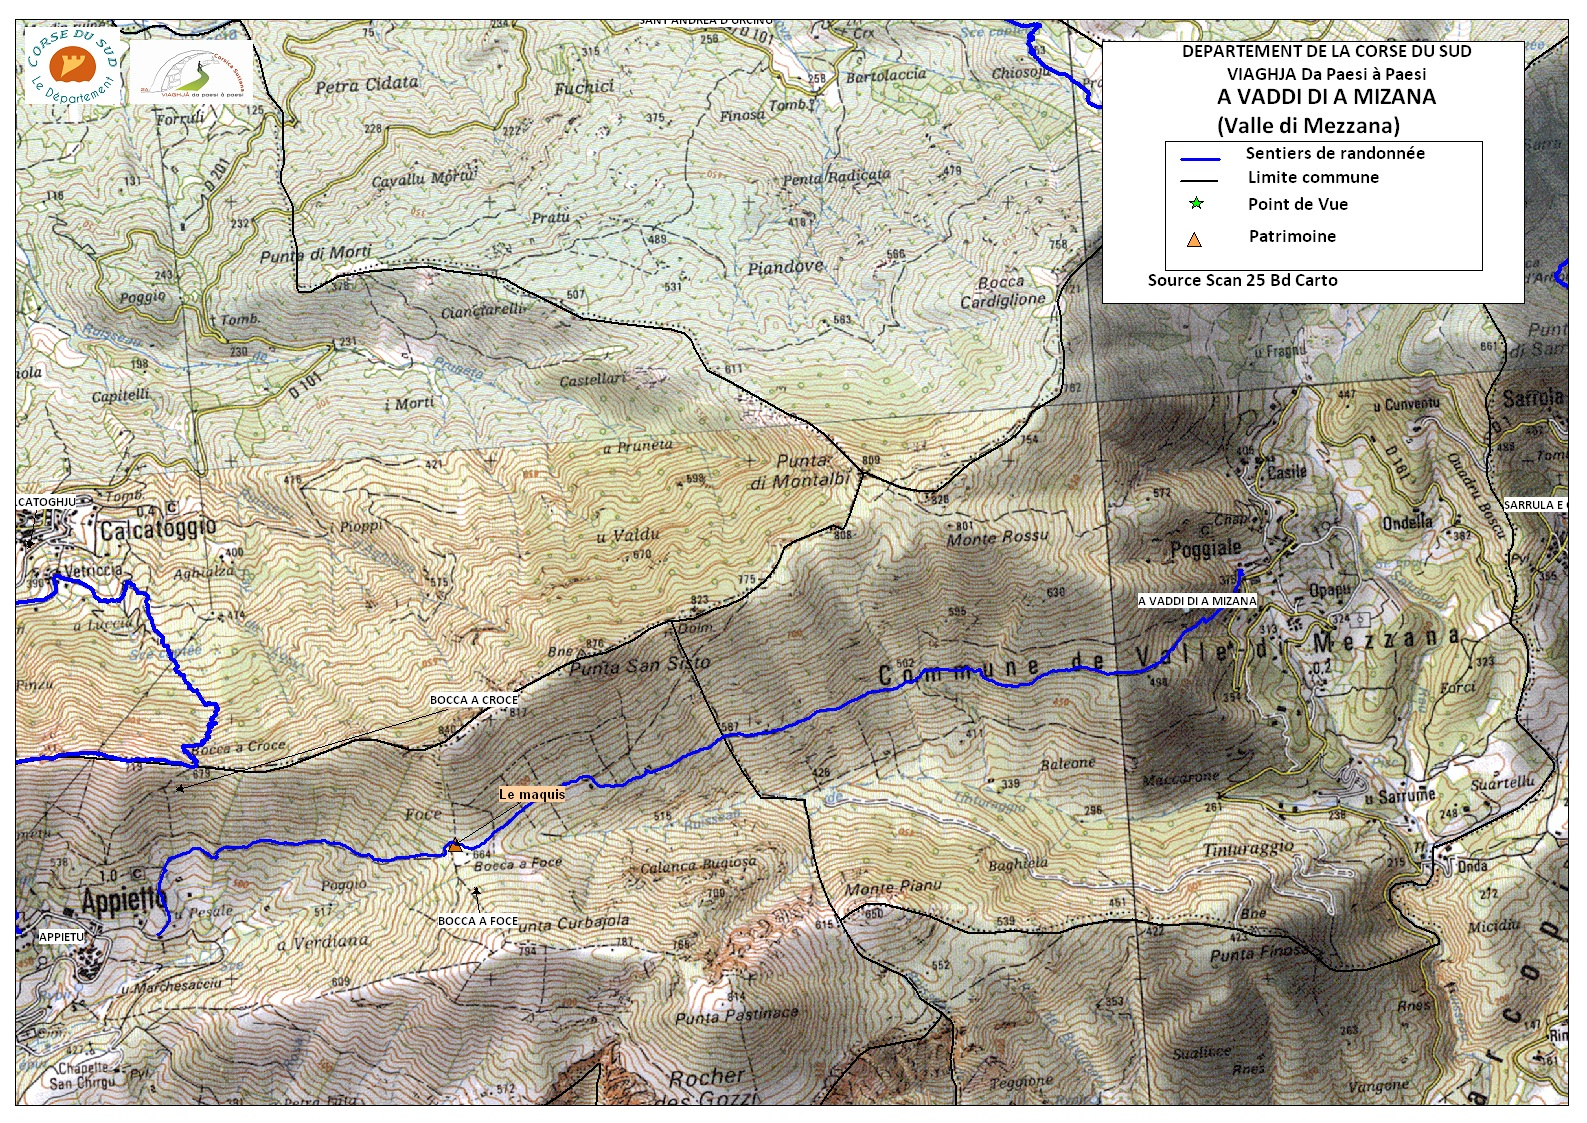 Valle-di-Mezzana (A Vaddi di a Mizana)